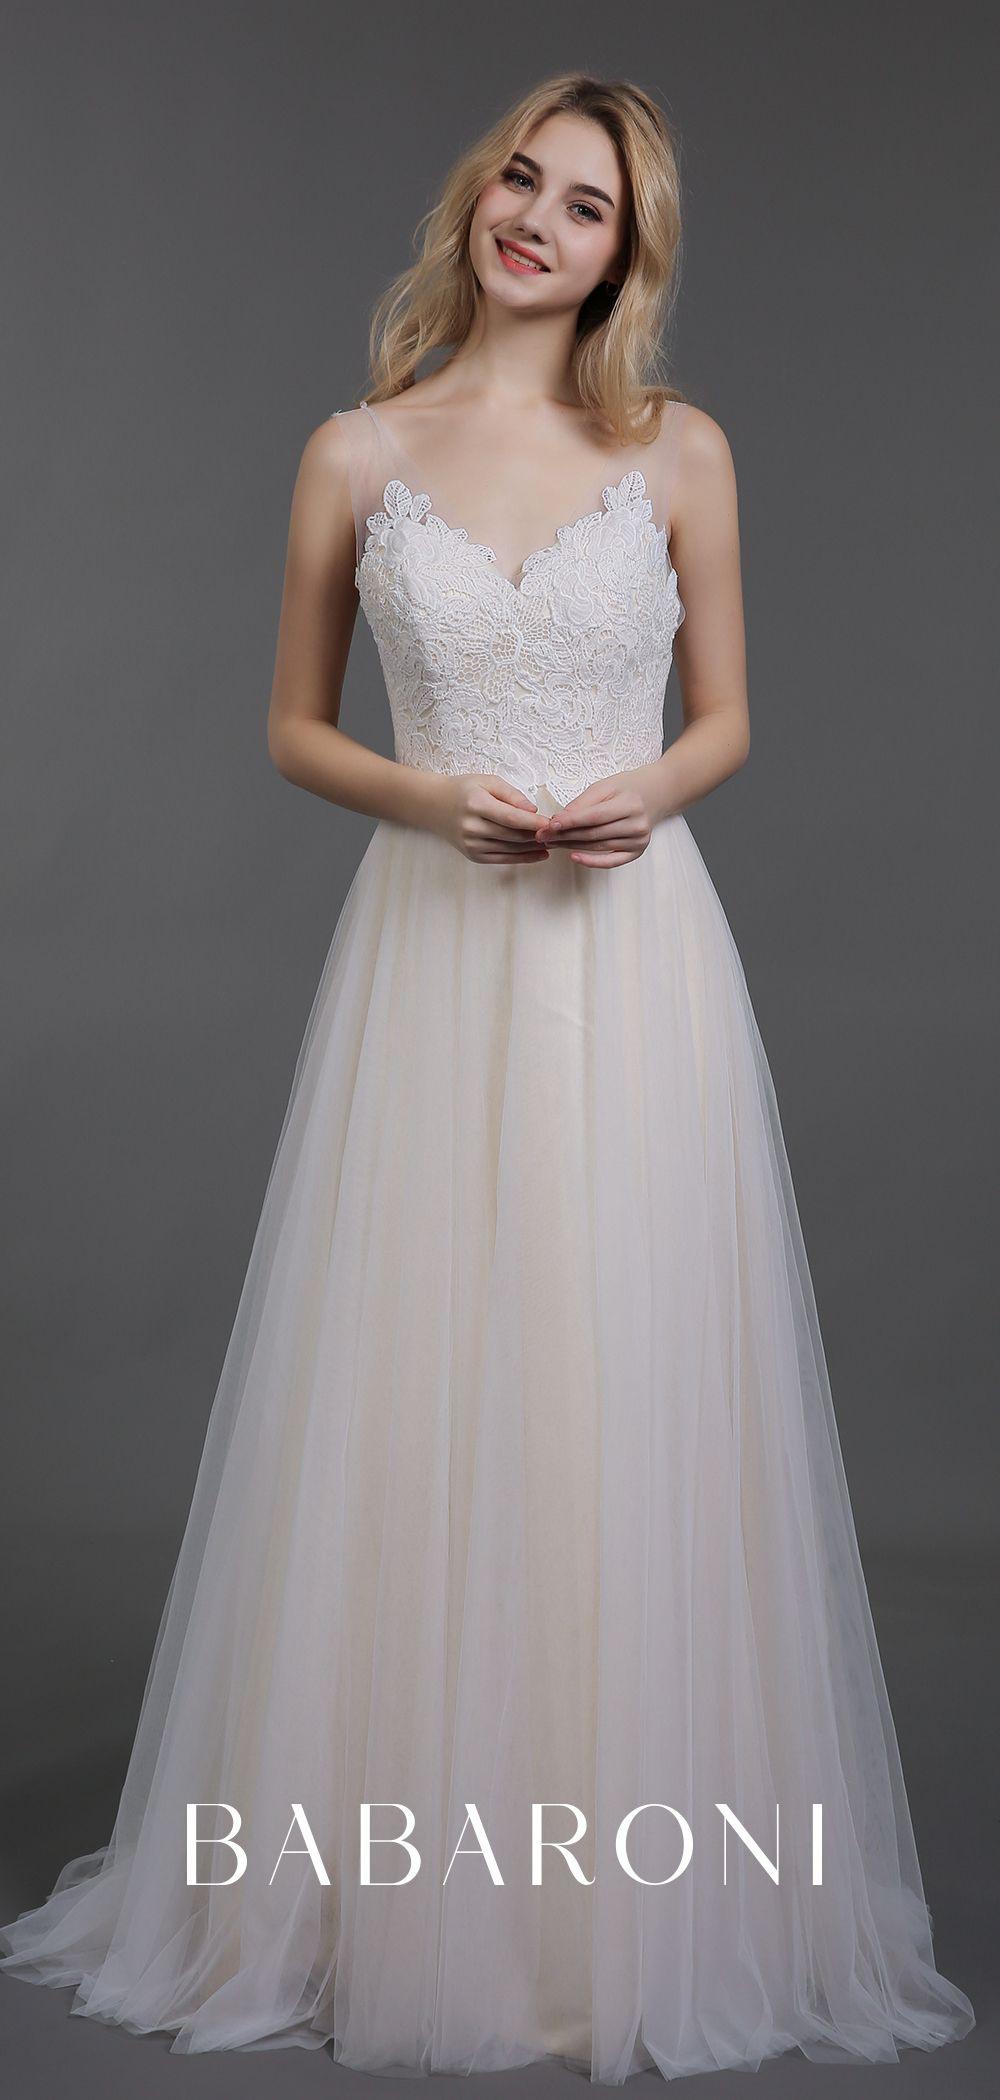 Babaroni Cyan  Kleid Hochzeit Brautkleid Stoff Und